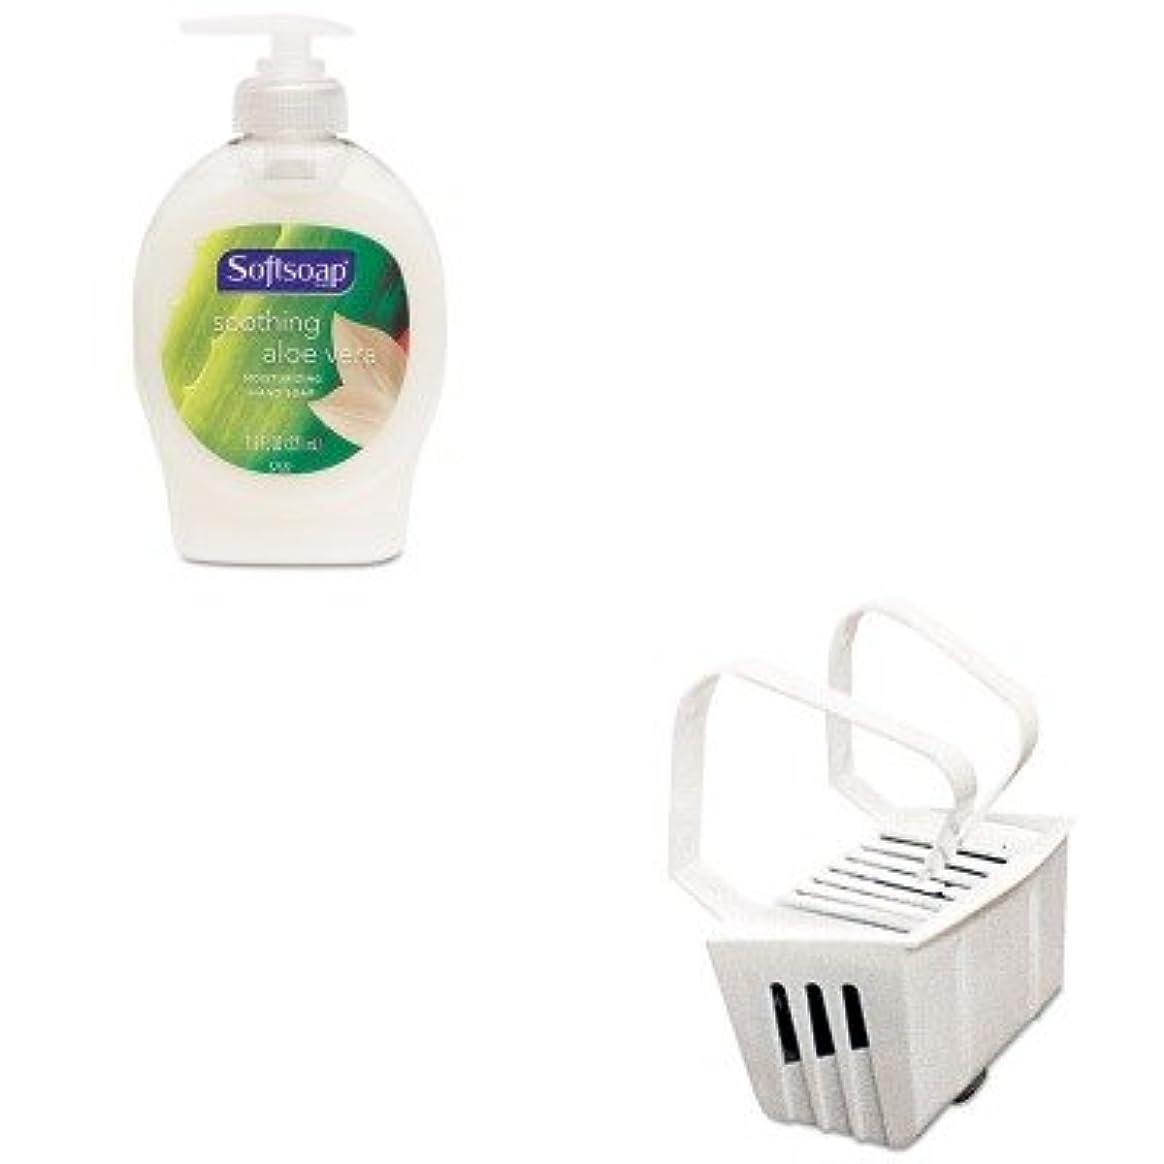 トランク香り対立kitbgd661cpm26012ea – Valueキット – Non Paraトイレボウルリムハンガー( bgd661 )とSoftsoap Moisturizing Hand Soap w /アロエ( cpm26012ea )